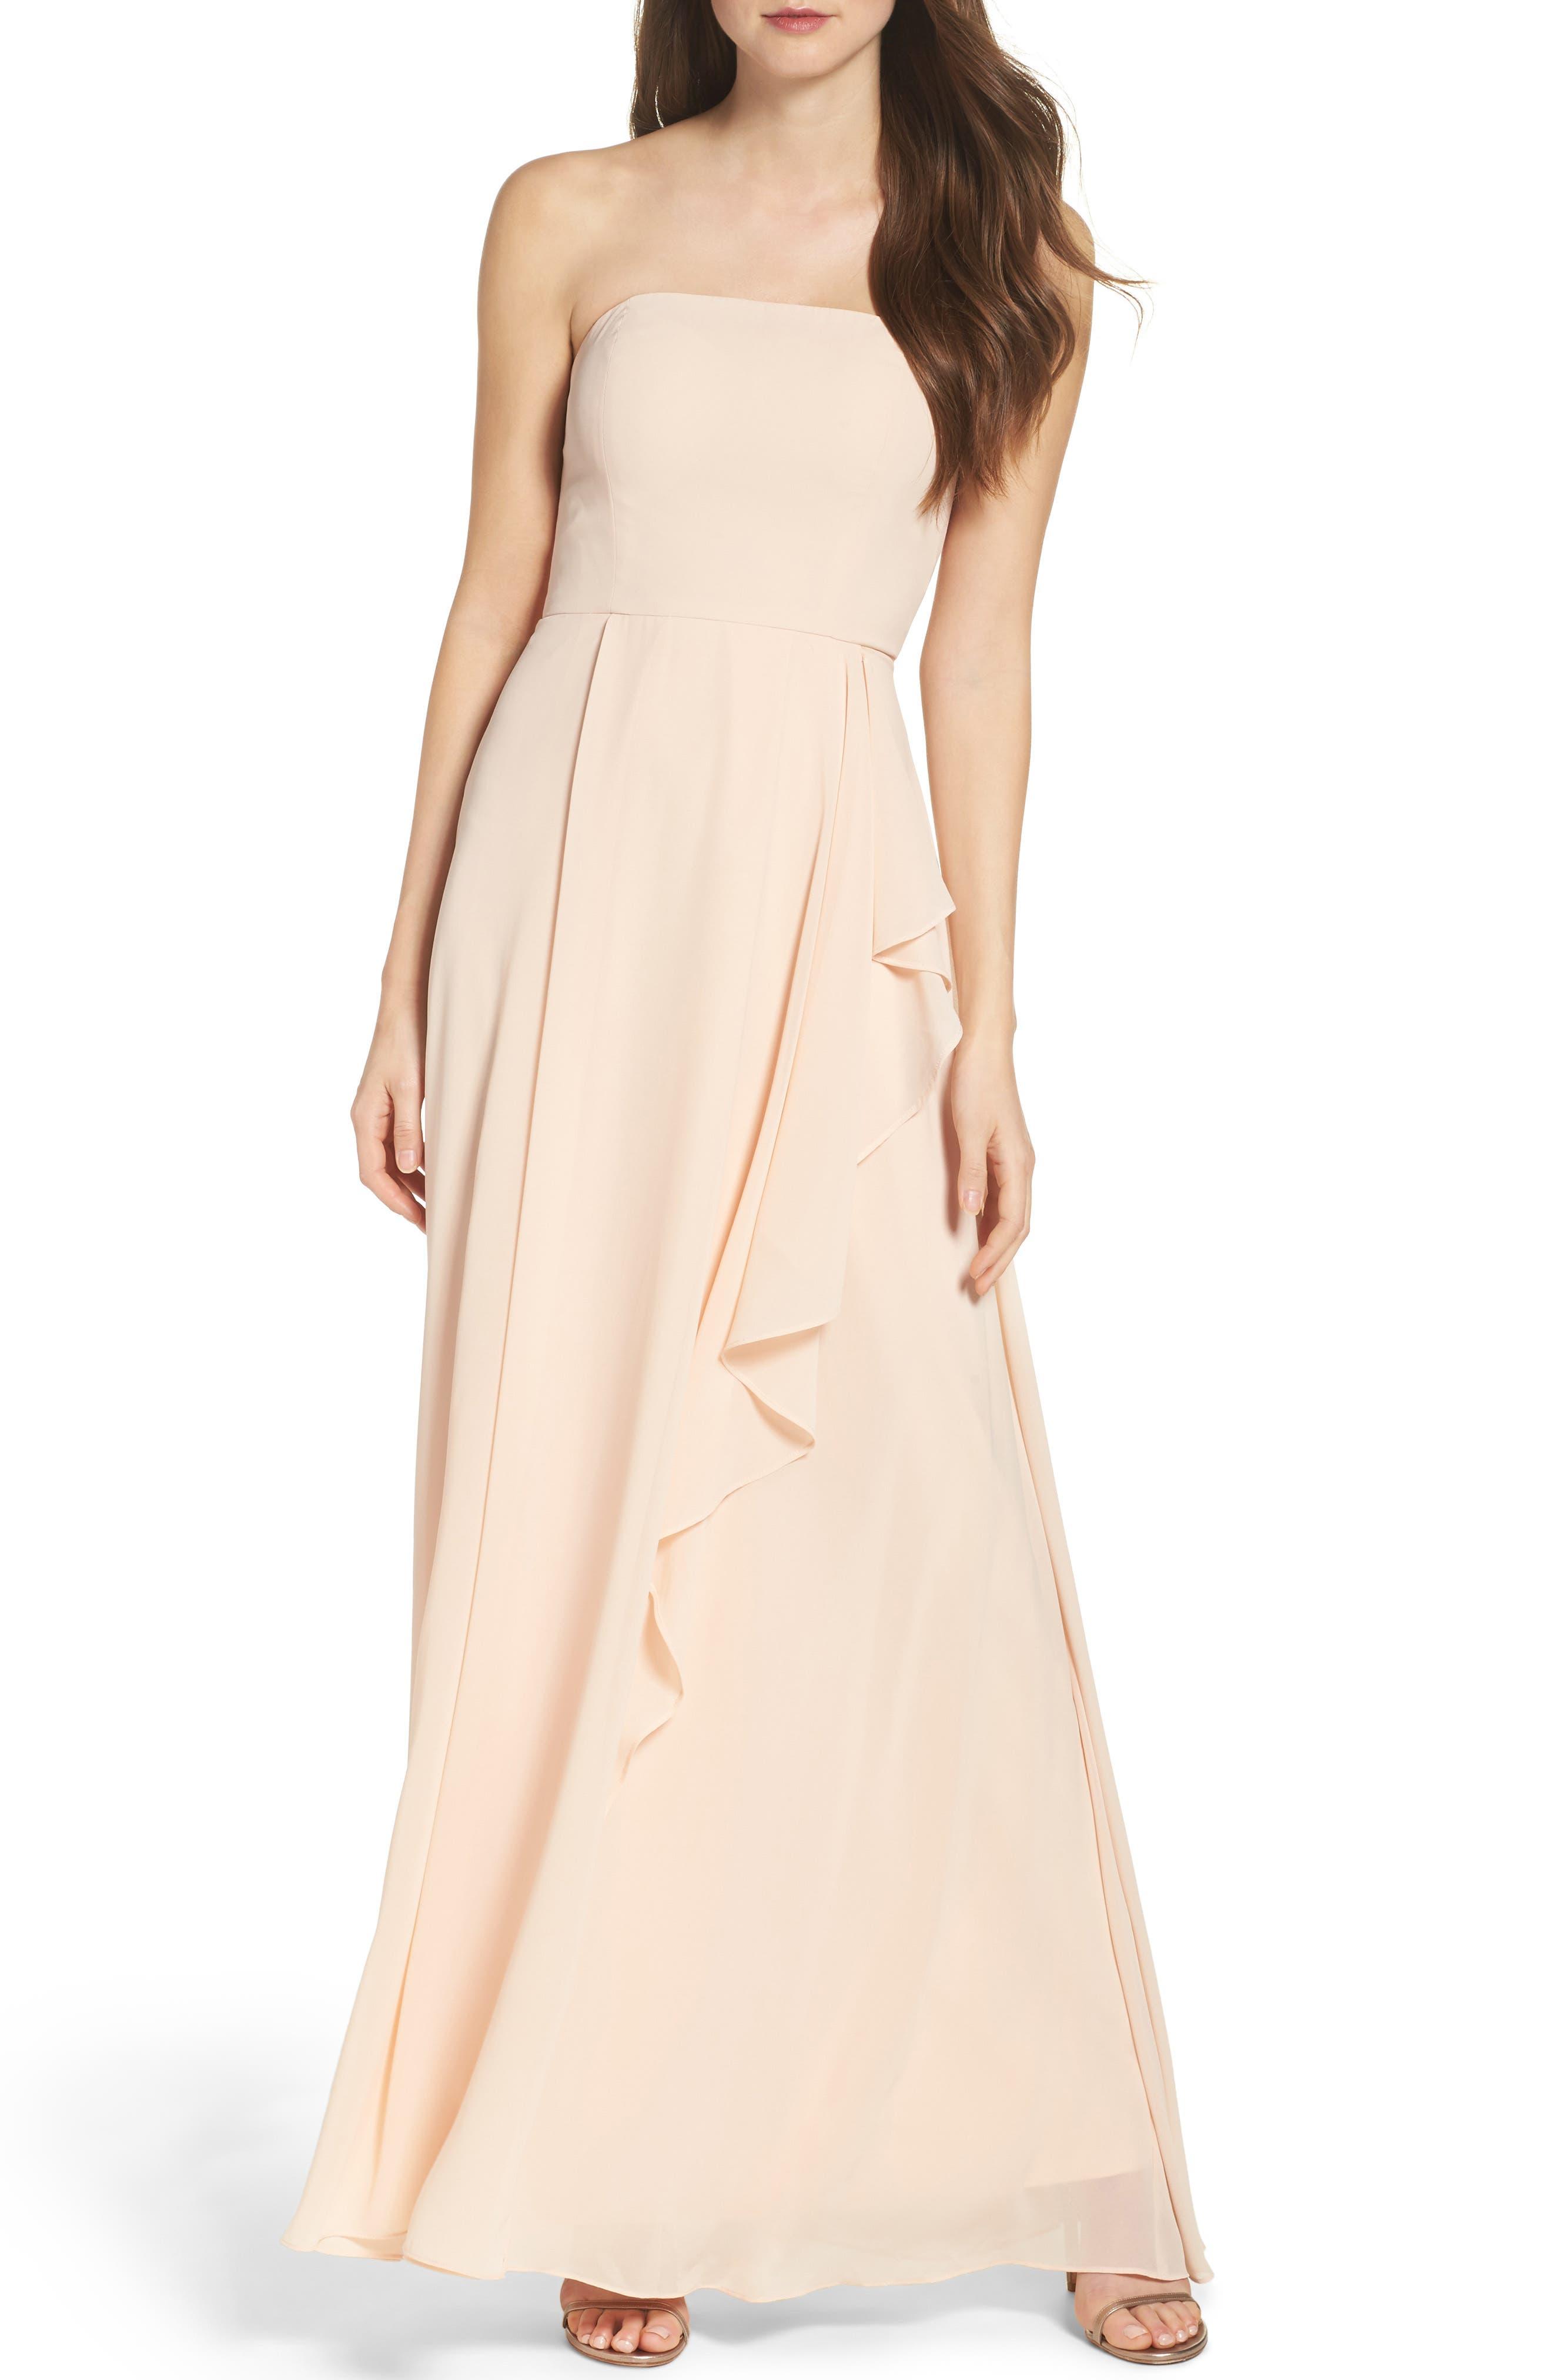 Lulus Chiffon Strapless Maxi Dress